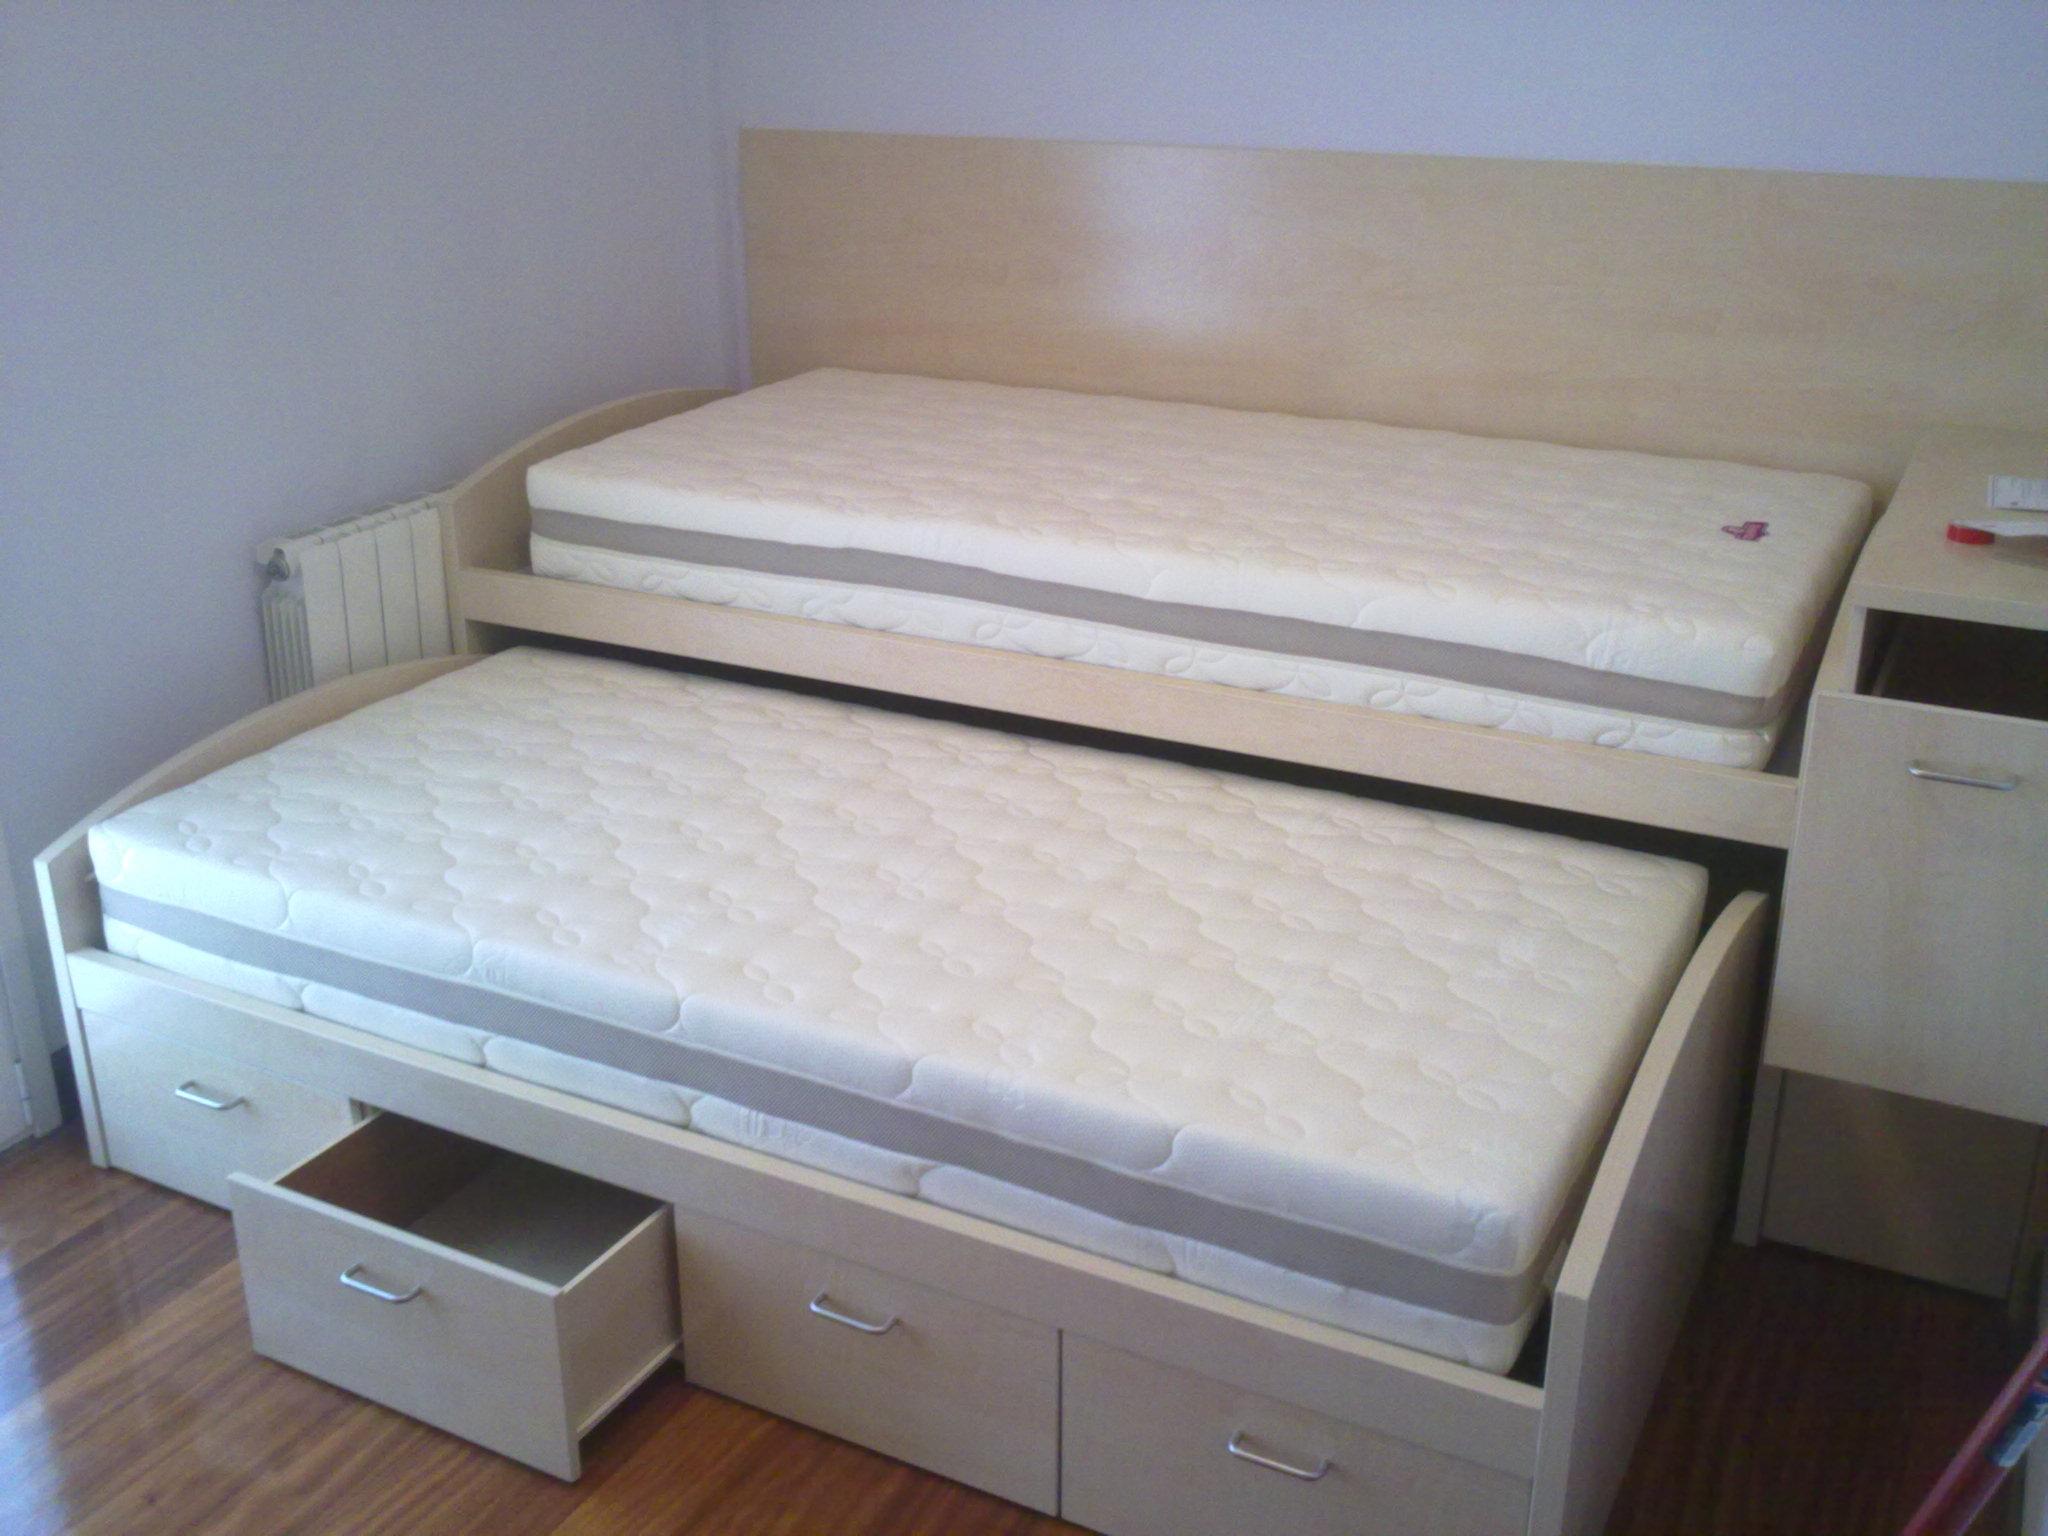 Reforma dormitorio con cama nido y litera for Cama litera